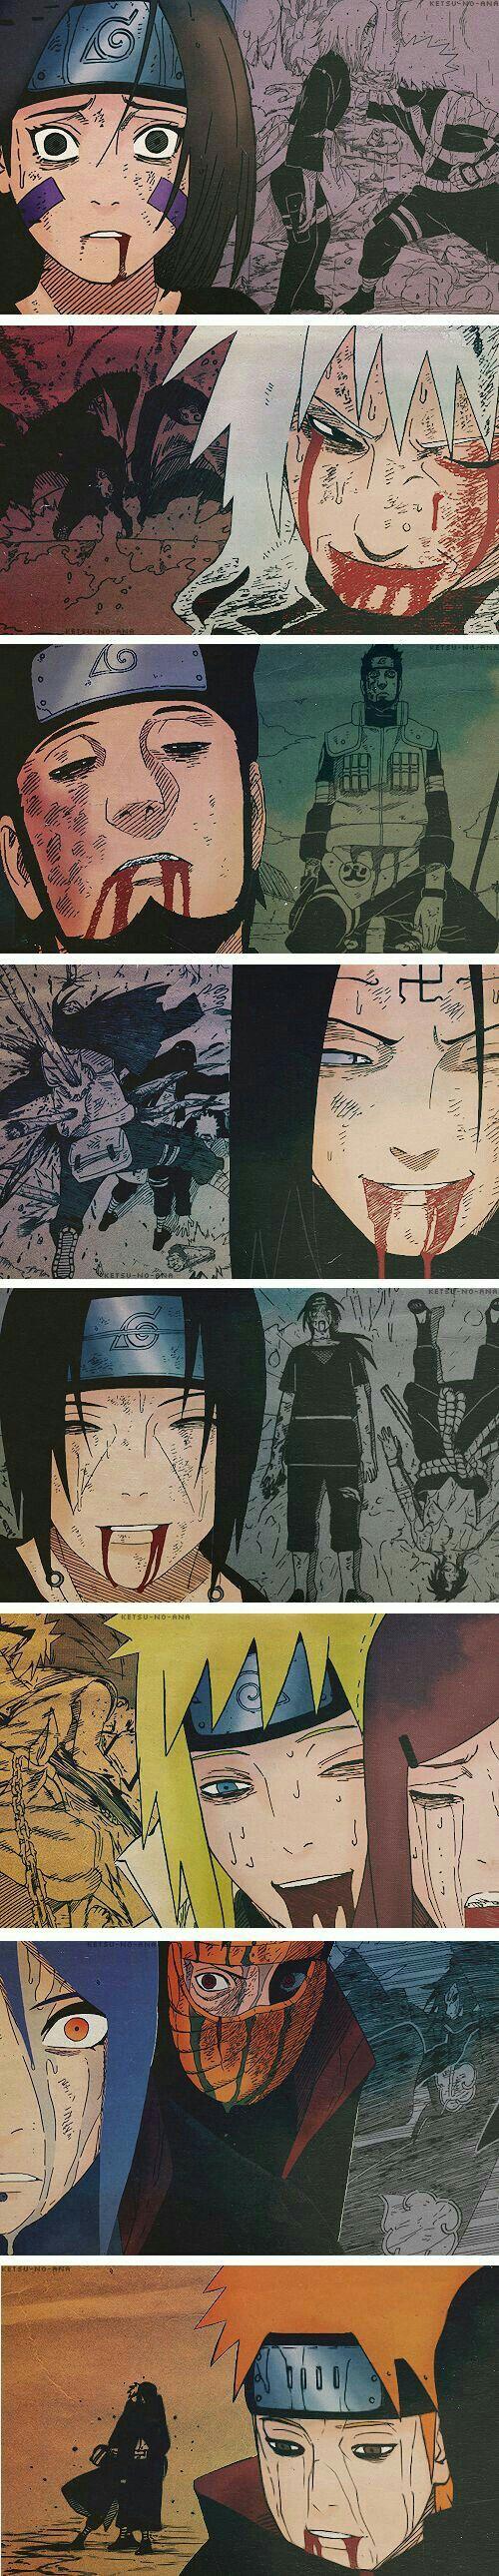 Los verdadero heroes siempre mueren con una sonrisa